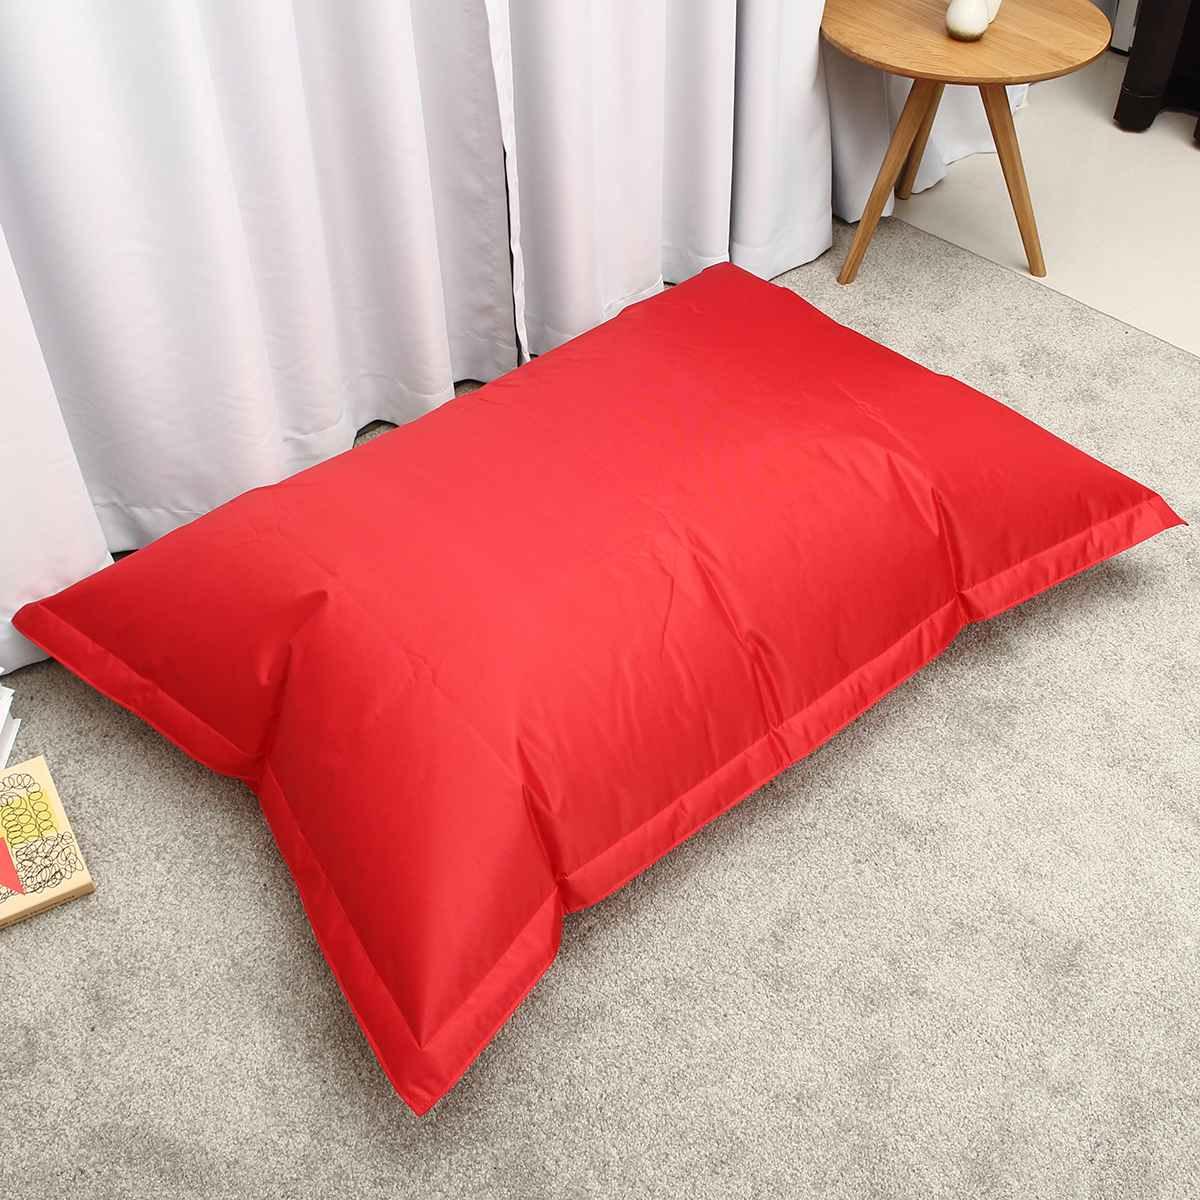 Bean Bag Cover No Filler Beanbag Lounge Bed 6 Colors Magic Bag Bean Bag Chair Sofa Cover Home Bedroom Beanbag Waterproof